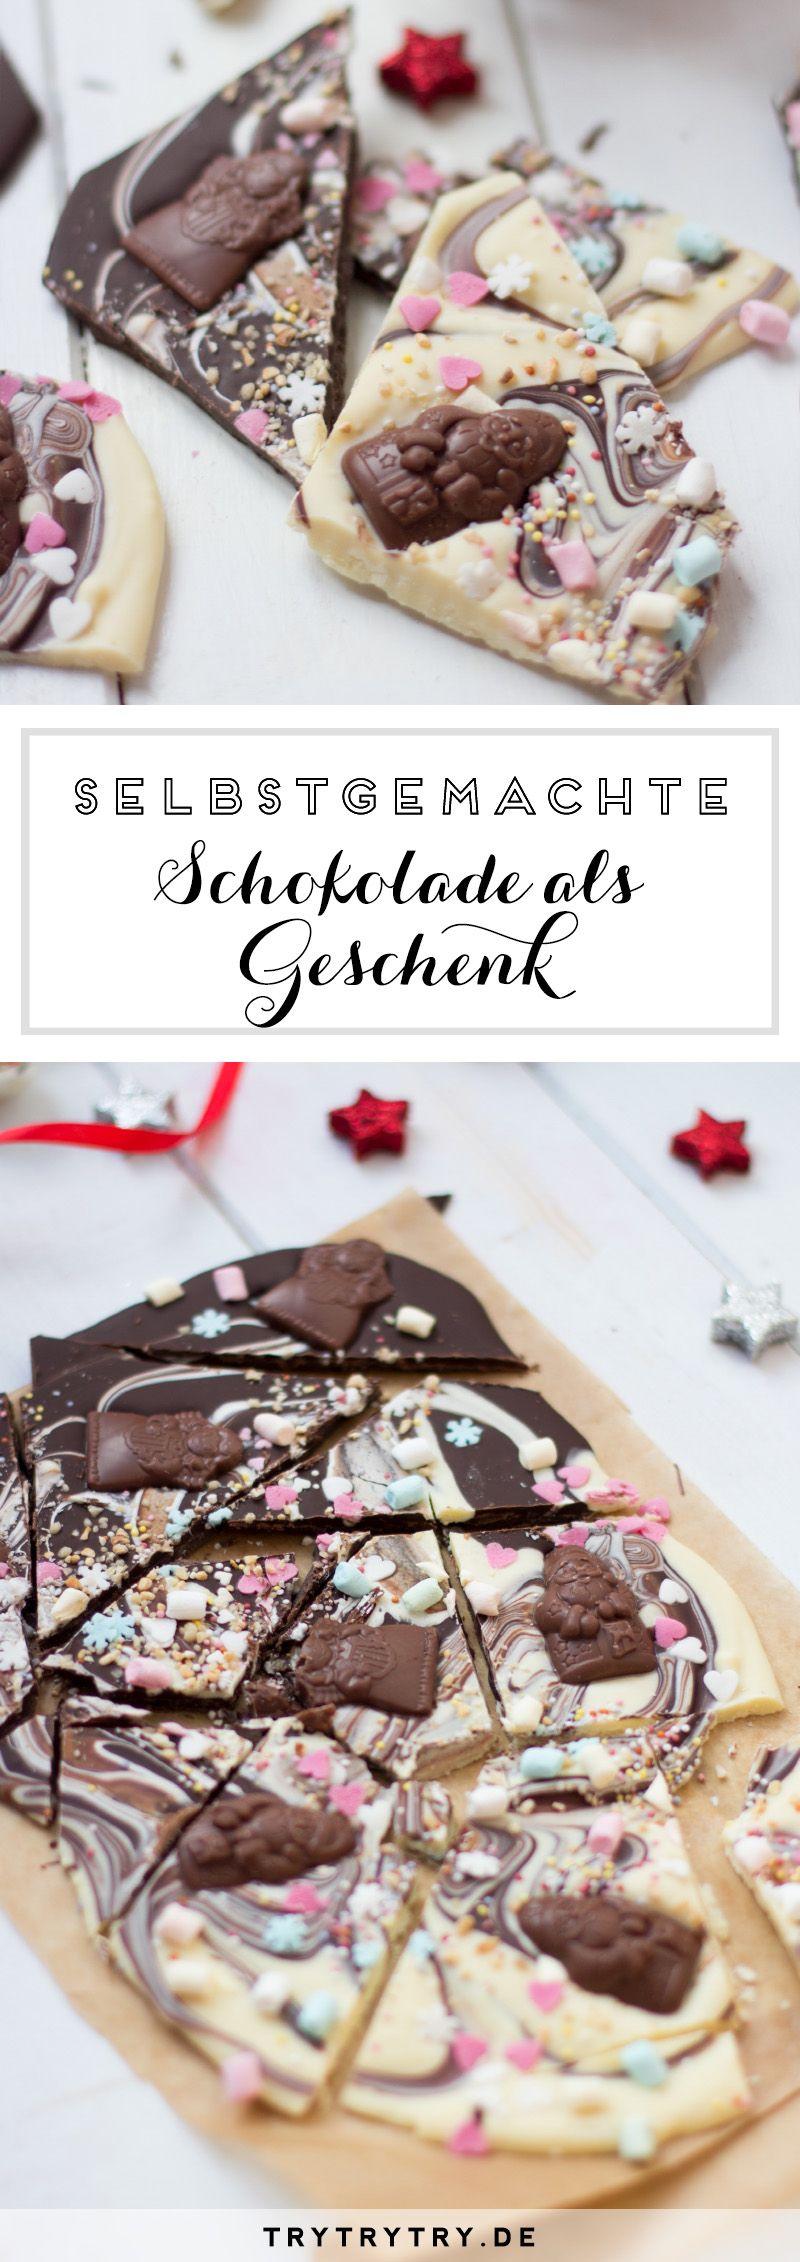 Selbstgemachte Schokolade im Glas zum Verschenken #weihnachtsgeschenkideen